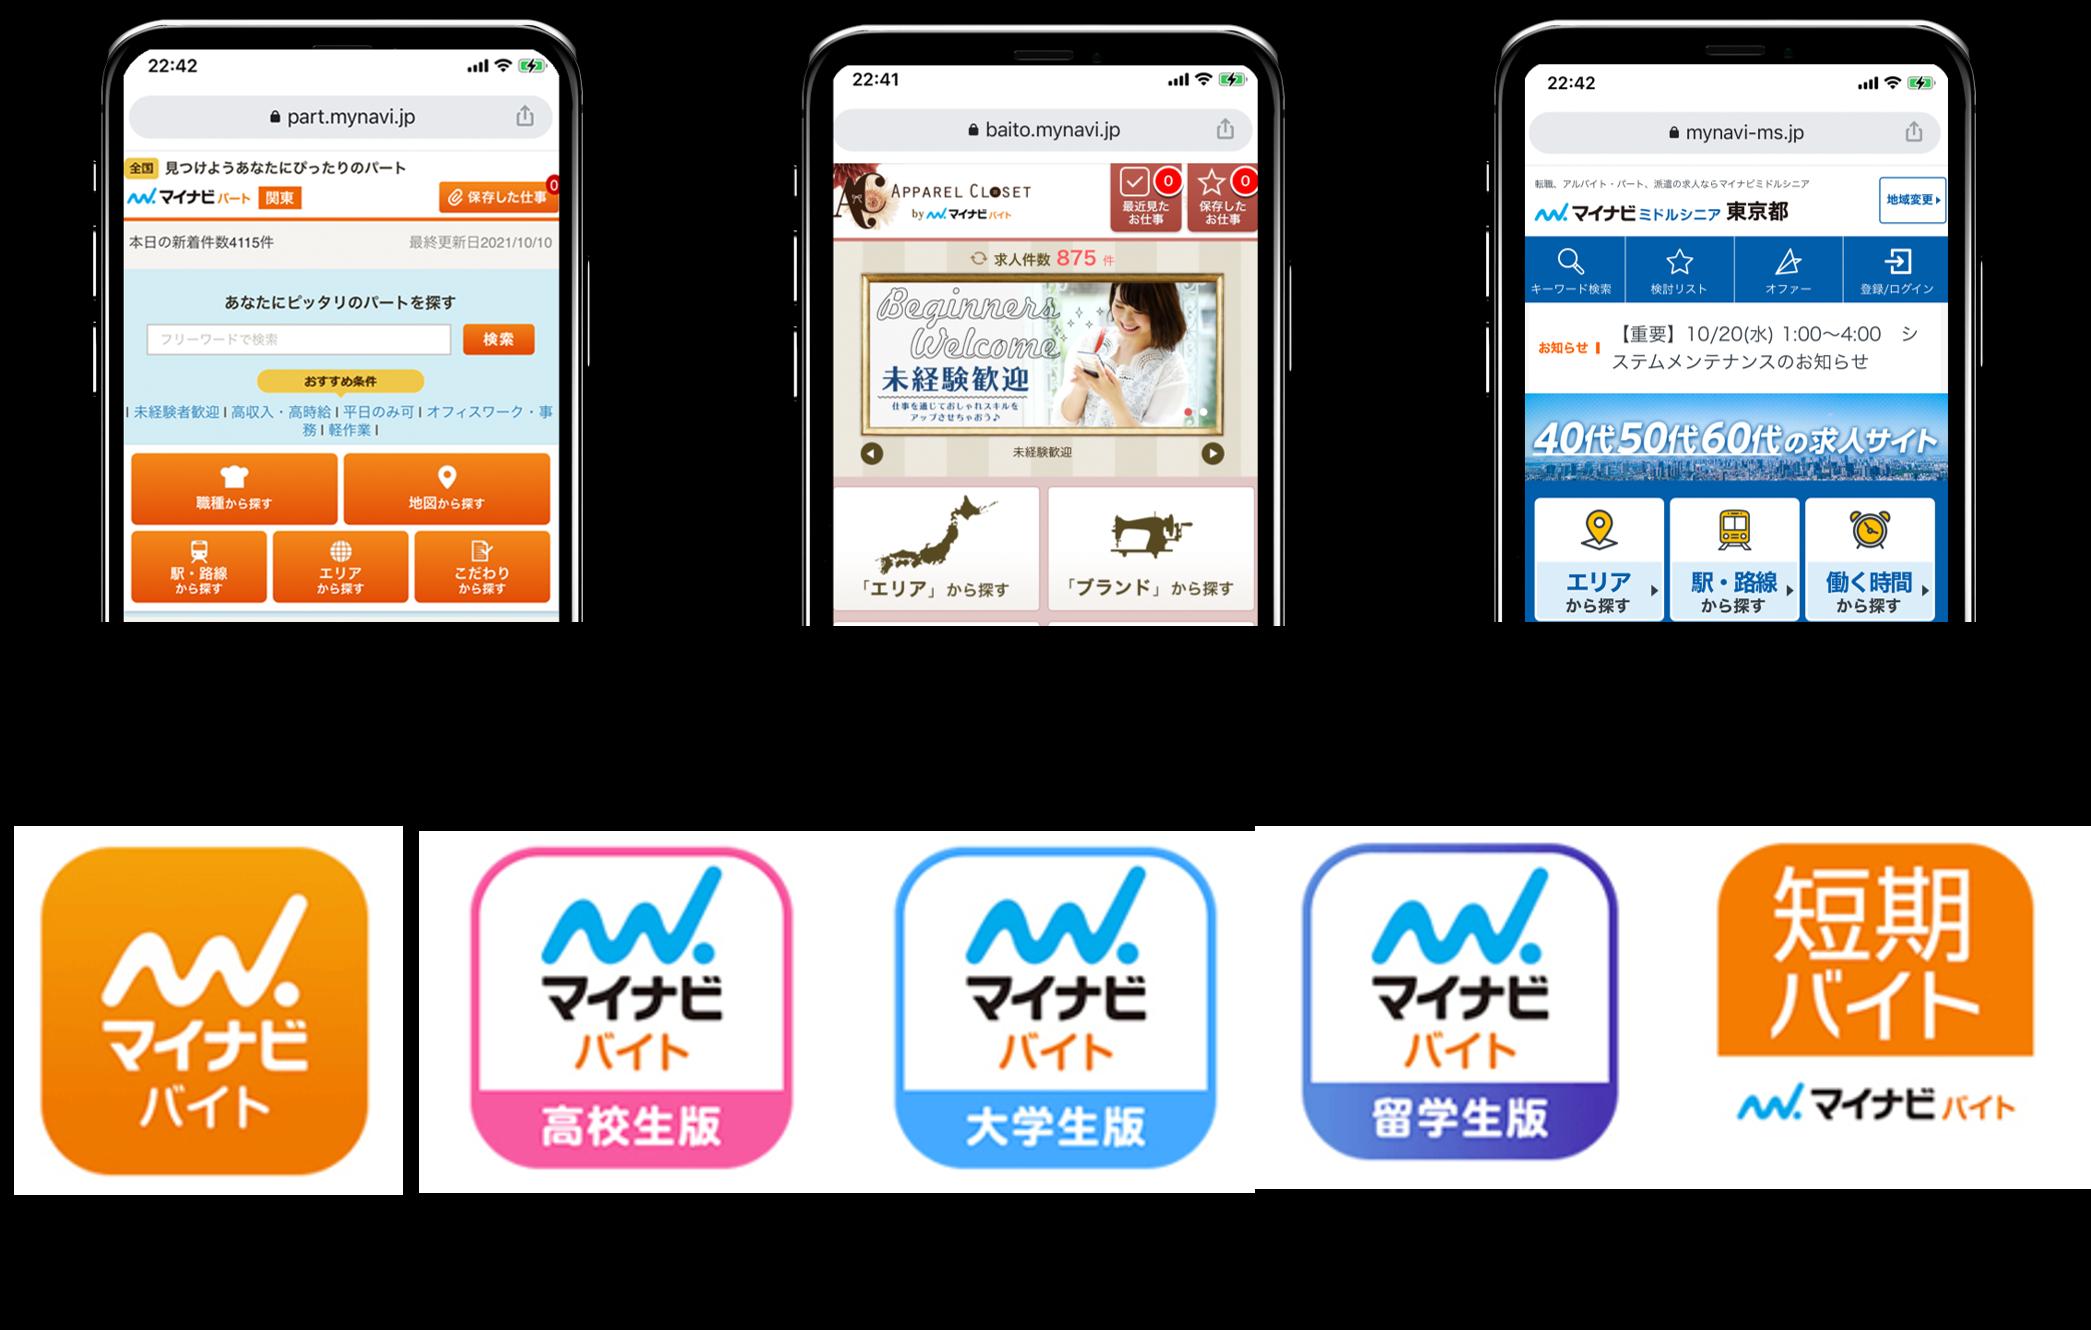 「マイナビバイト」だけじゃない!7種類の姉妹サイト・アプリ